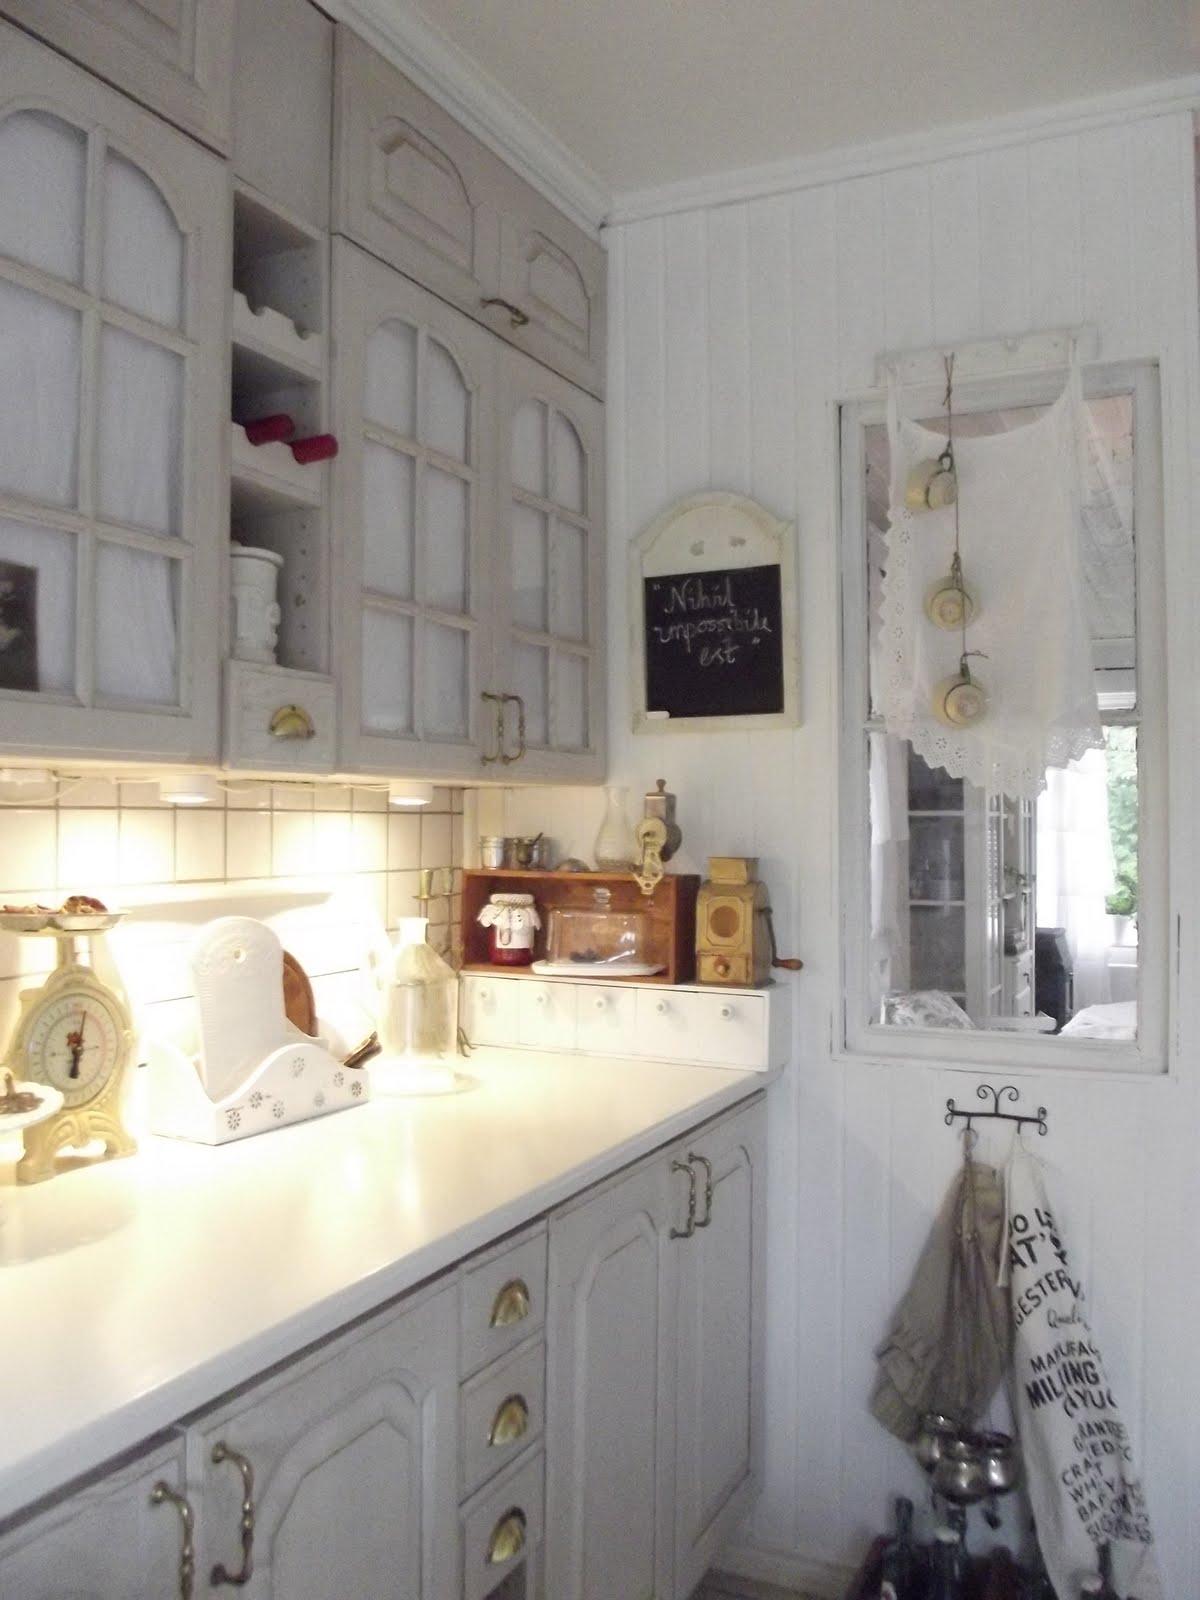 Boiserie c programmi per oggi riverniciare la cucina - Ridipingere la cucina ...